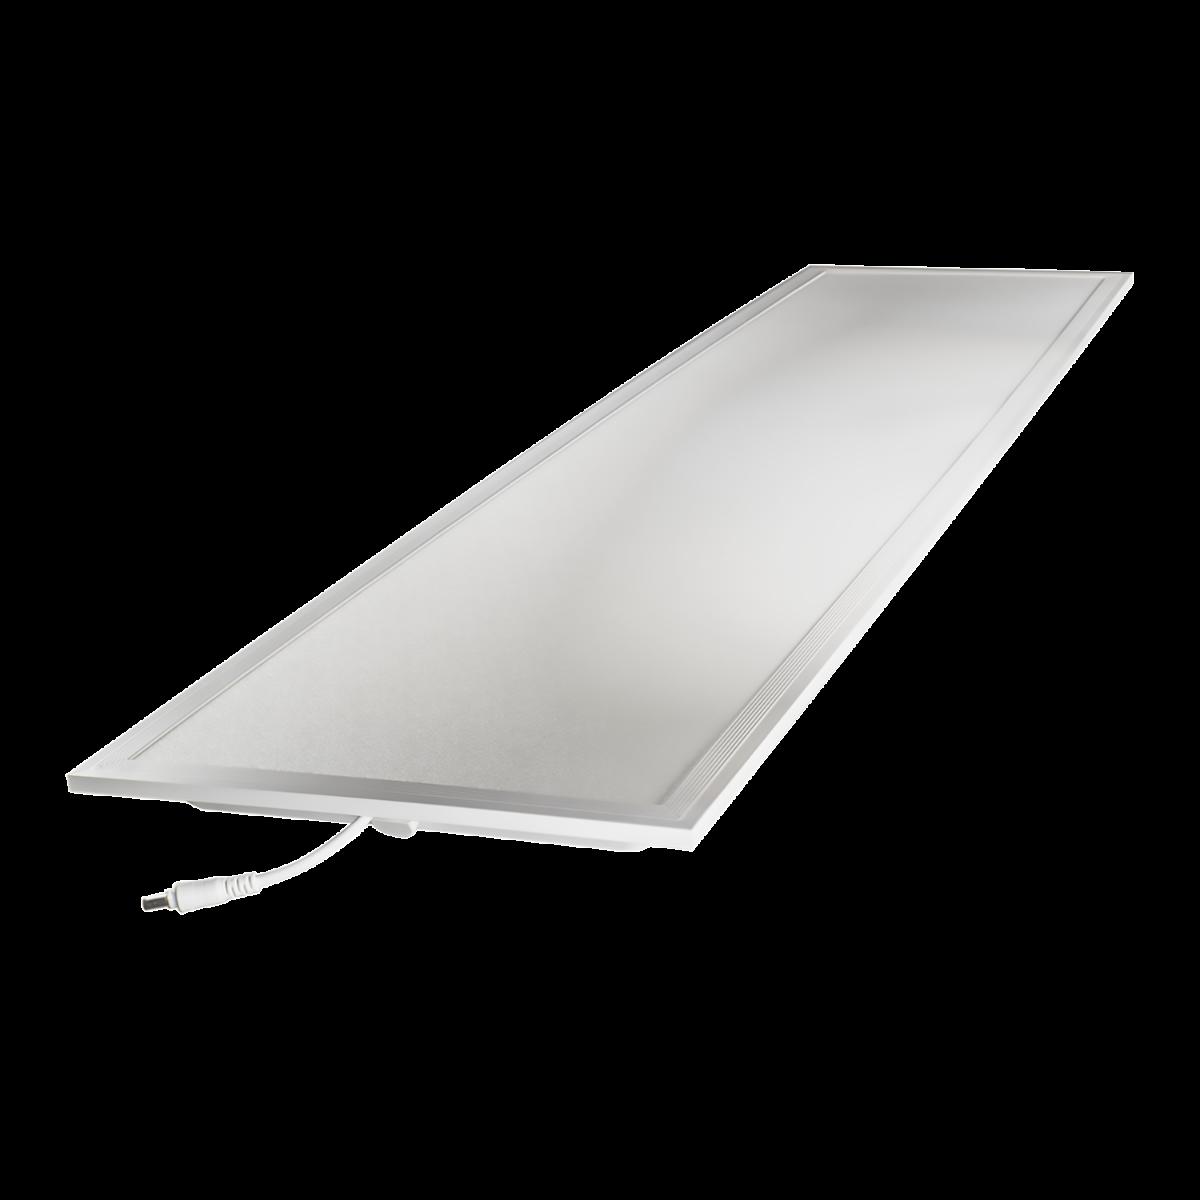 Noxion LED panel Delta Pro Highlum V2.0 40W 30x120cm 6500K 5480lm UGR <19   dagslys - erstatter 2x36W